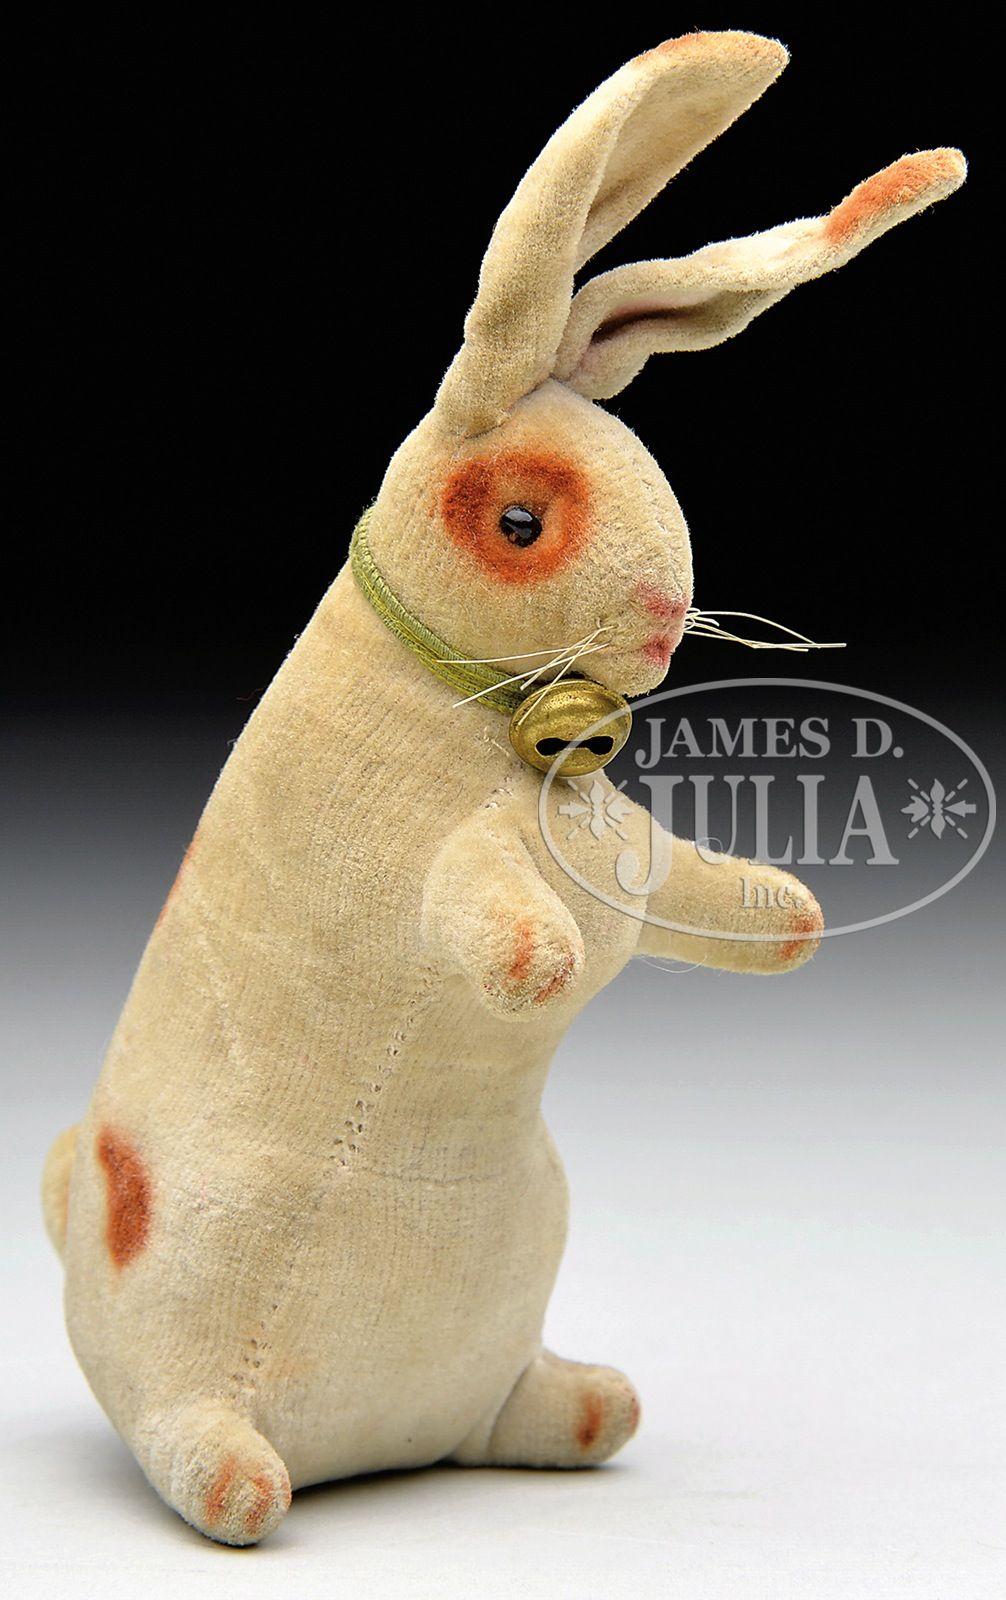 Child/'s Velvet Rabbit Toy Christmas Gift for Children Green Velvet Bunny Rabbit Soft Toy Little Green Velvet Pocket Rabbit Toy